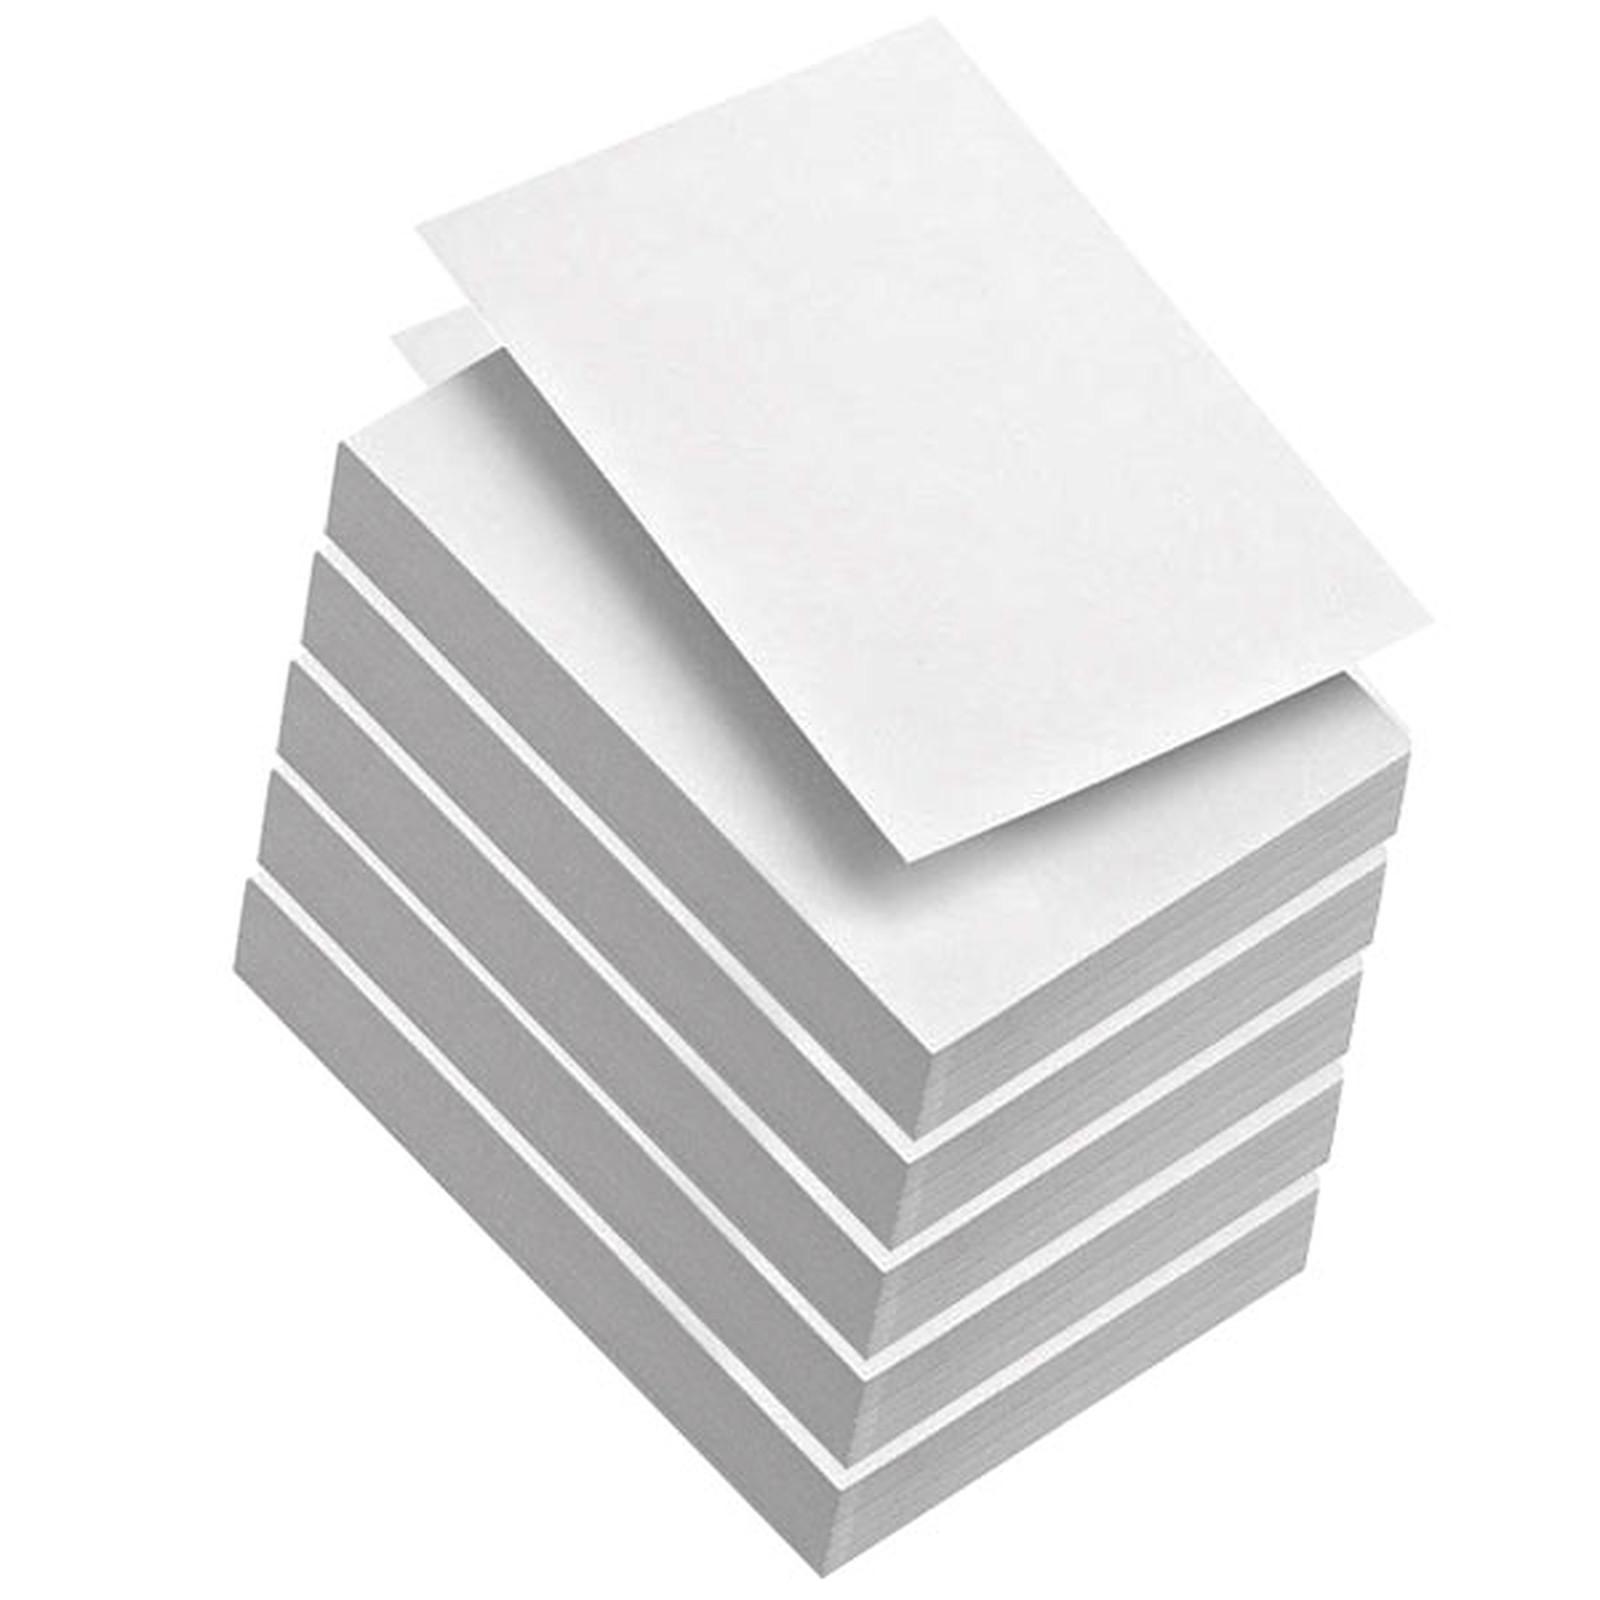 Inapa Universal Copy Paper ramettes de papier 500 feuilles A4 blanc x 5